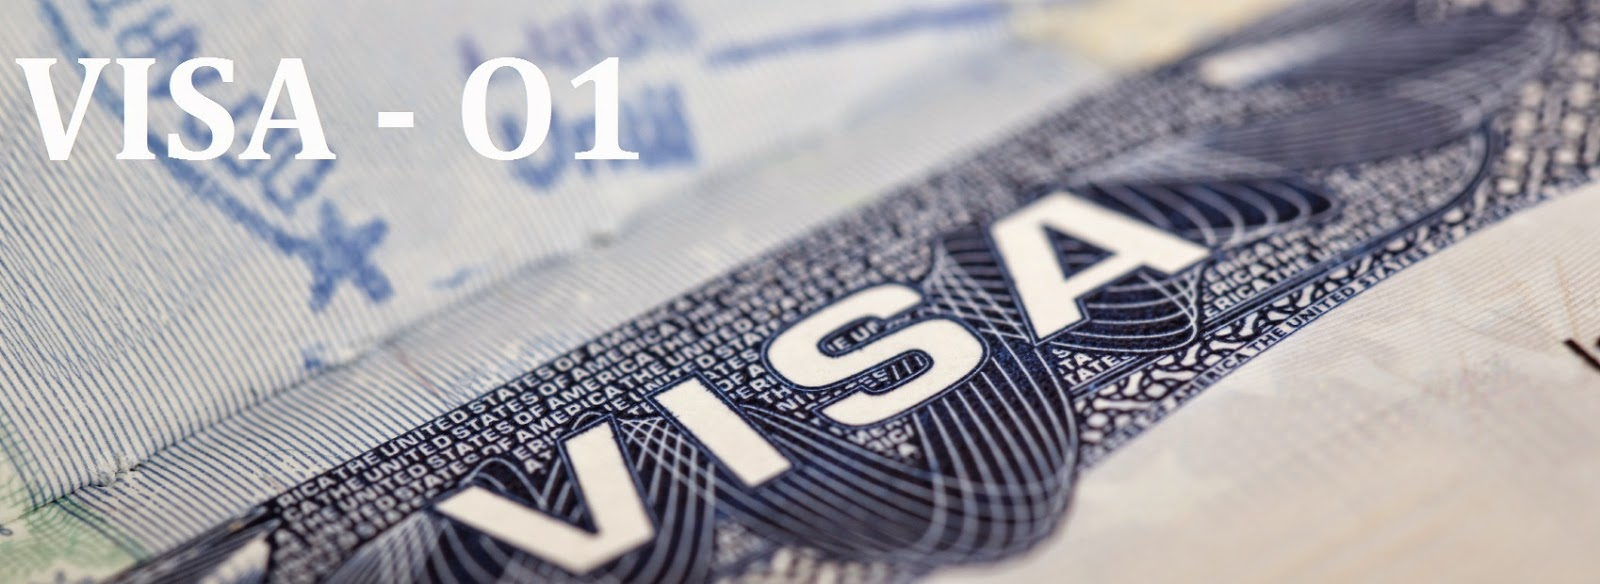 Visa - O1